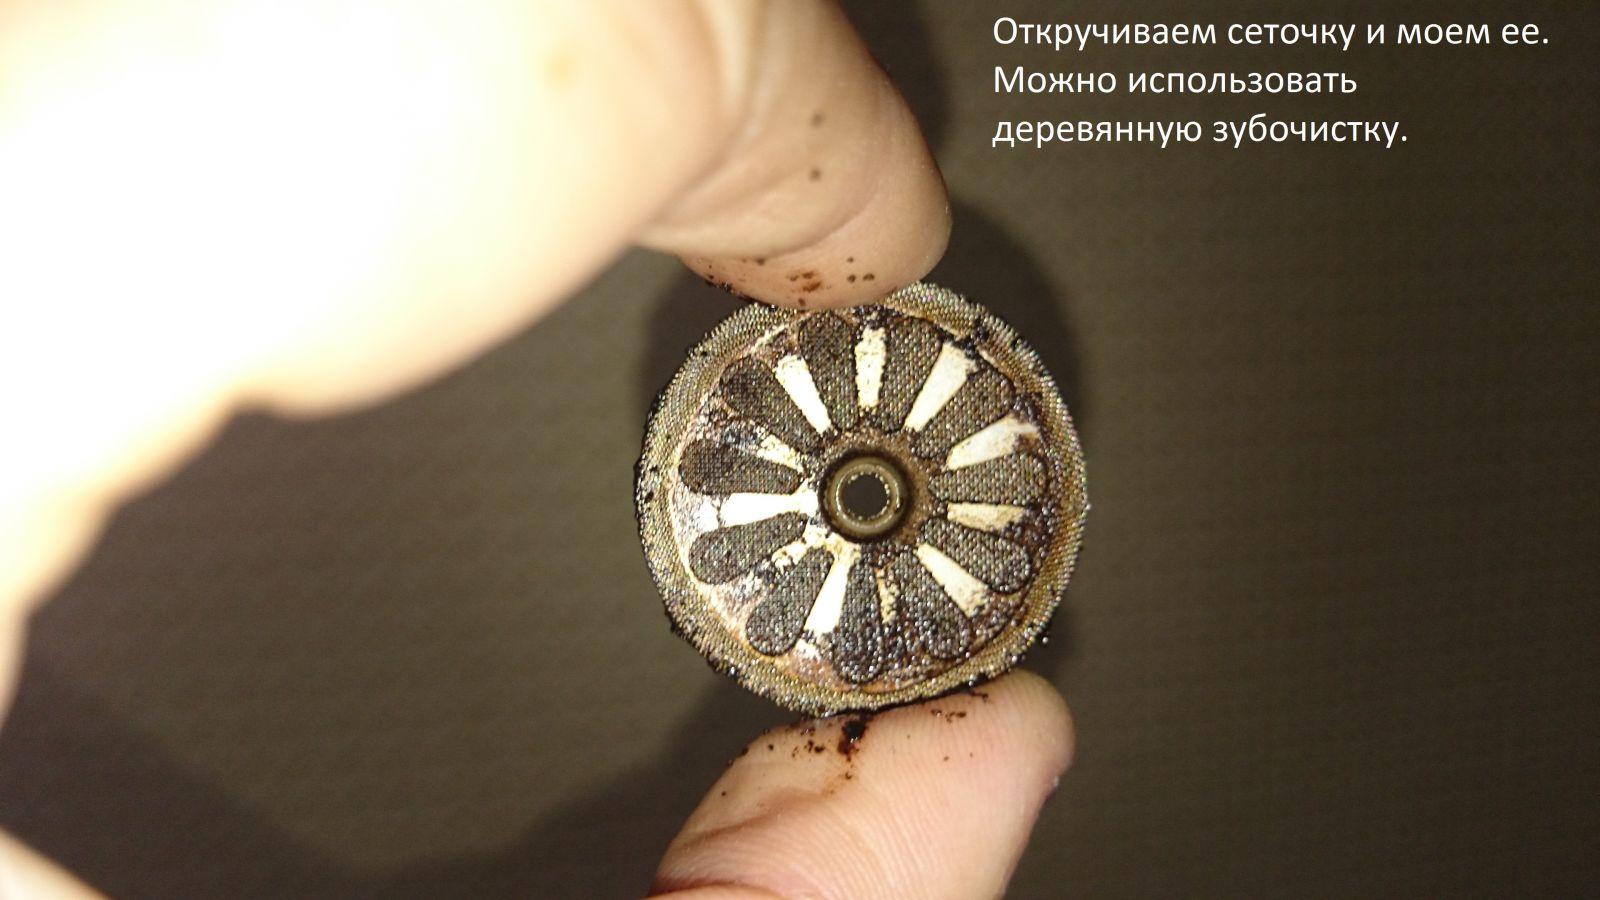 JofKV 10